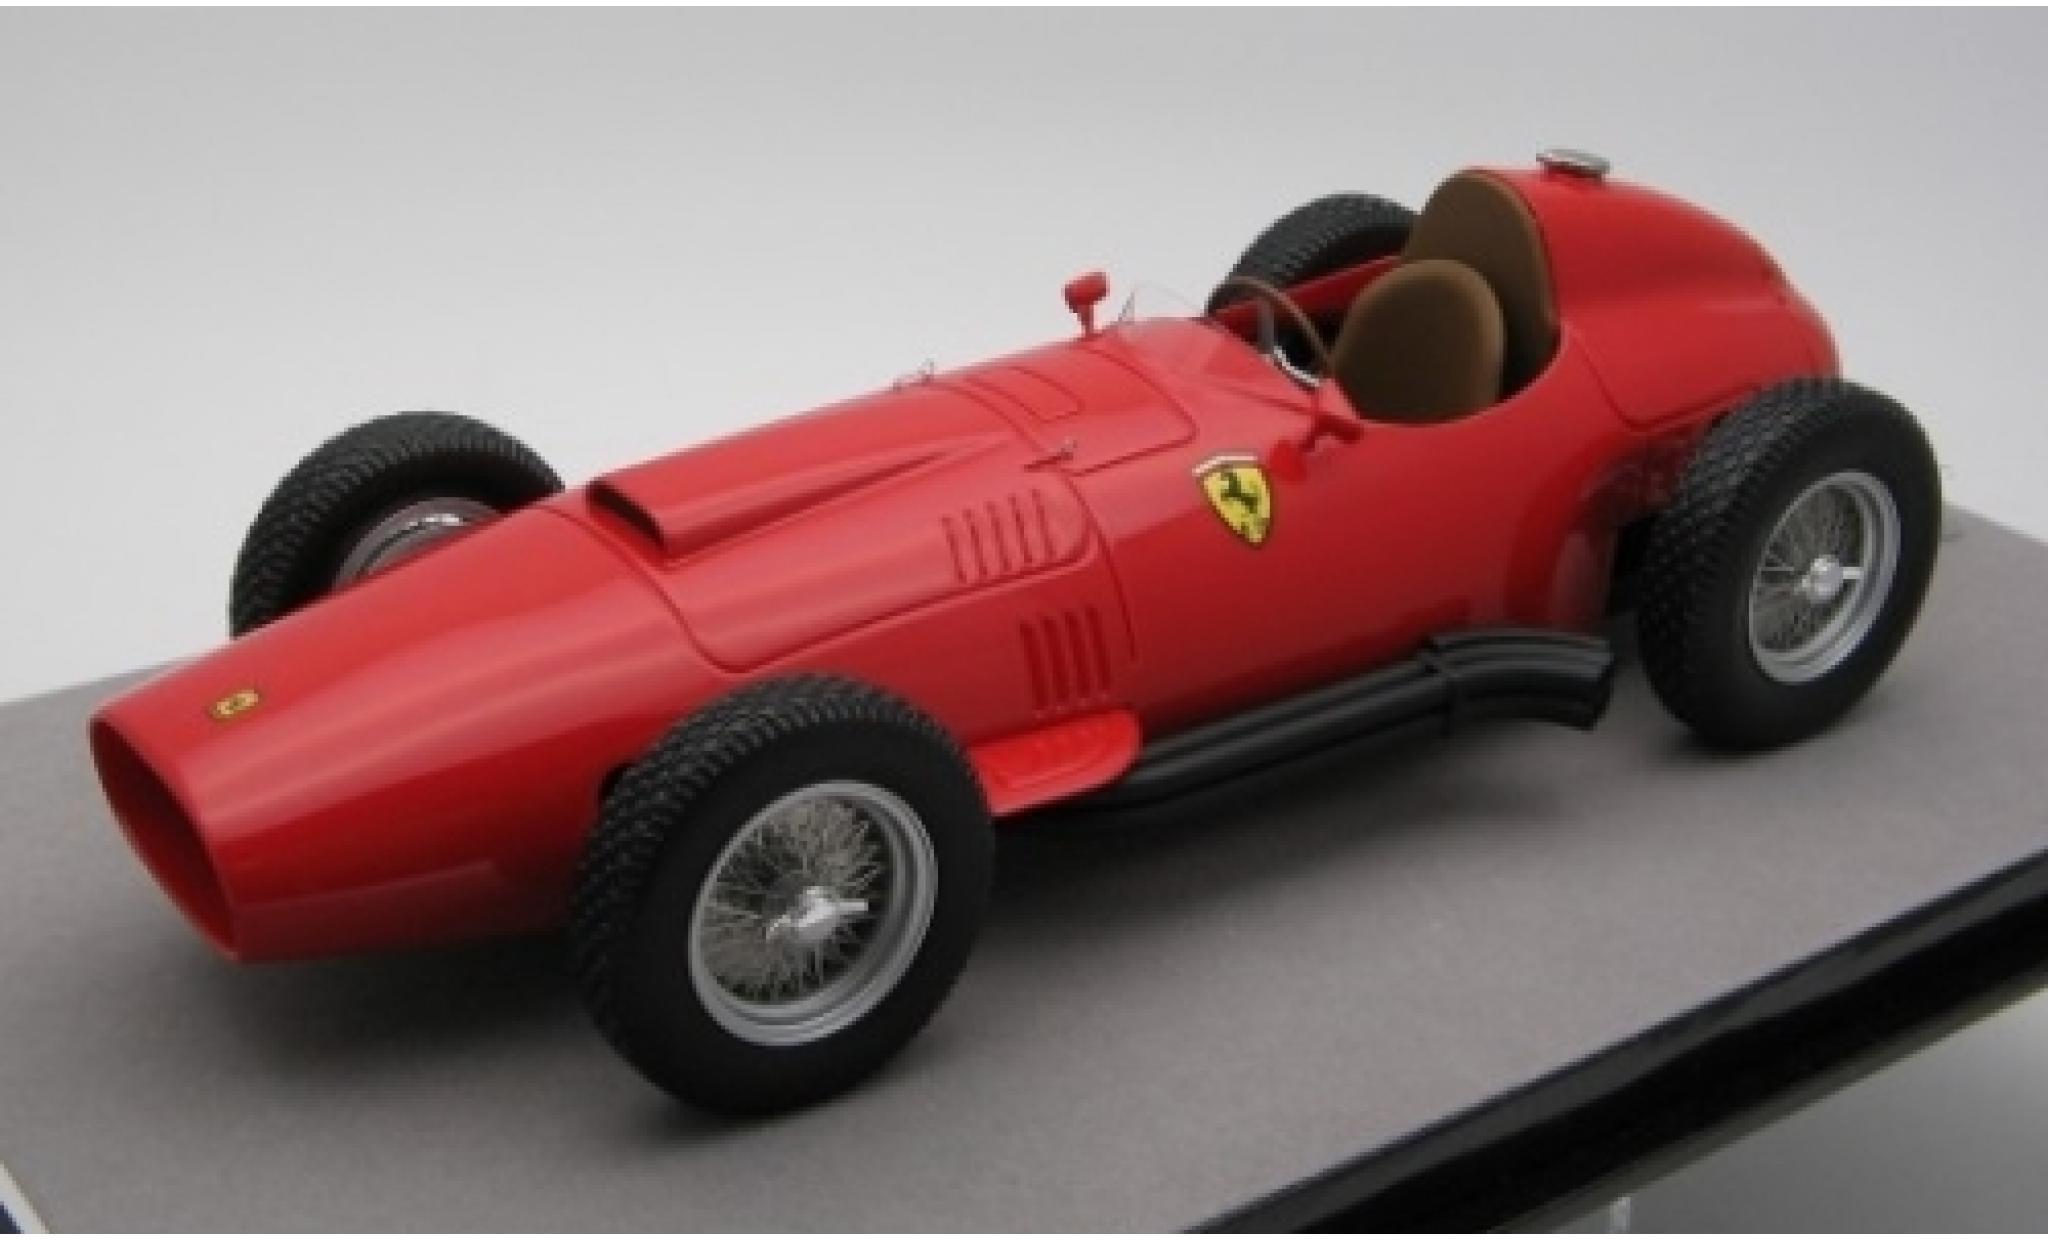 Ferrari 801 1/18 Tecnomodel rouge Scuderia Formel 1 1957 Pressefahrzeug